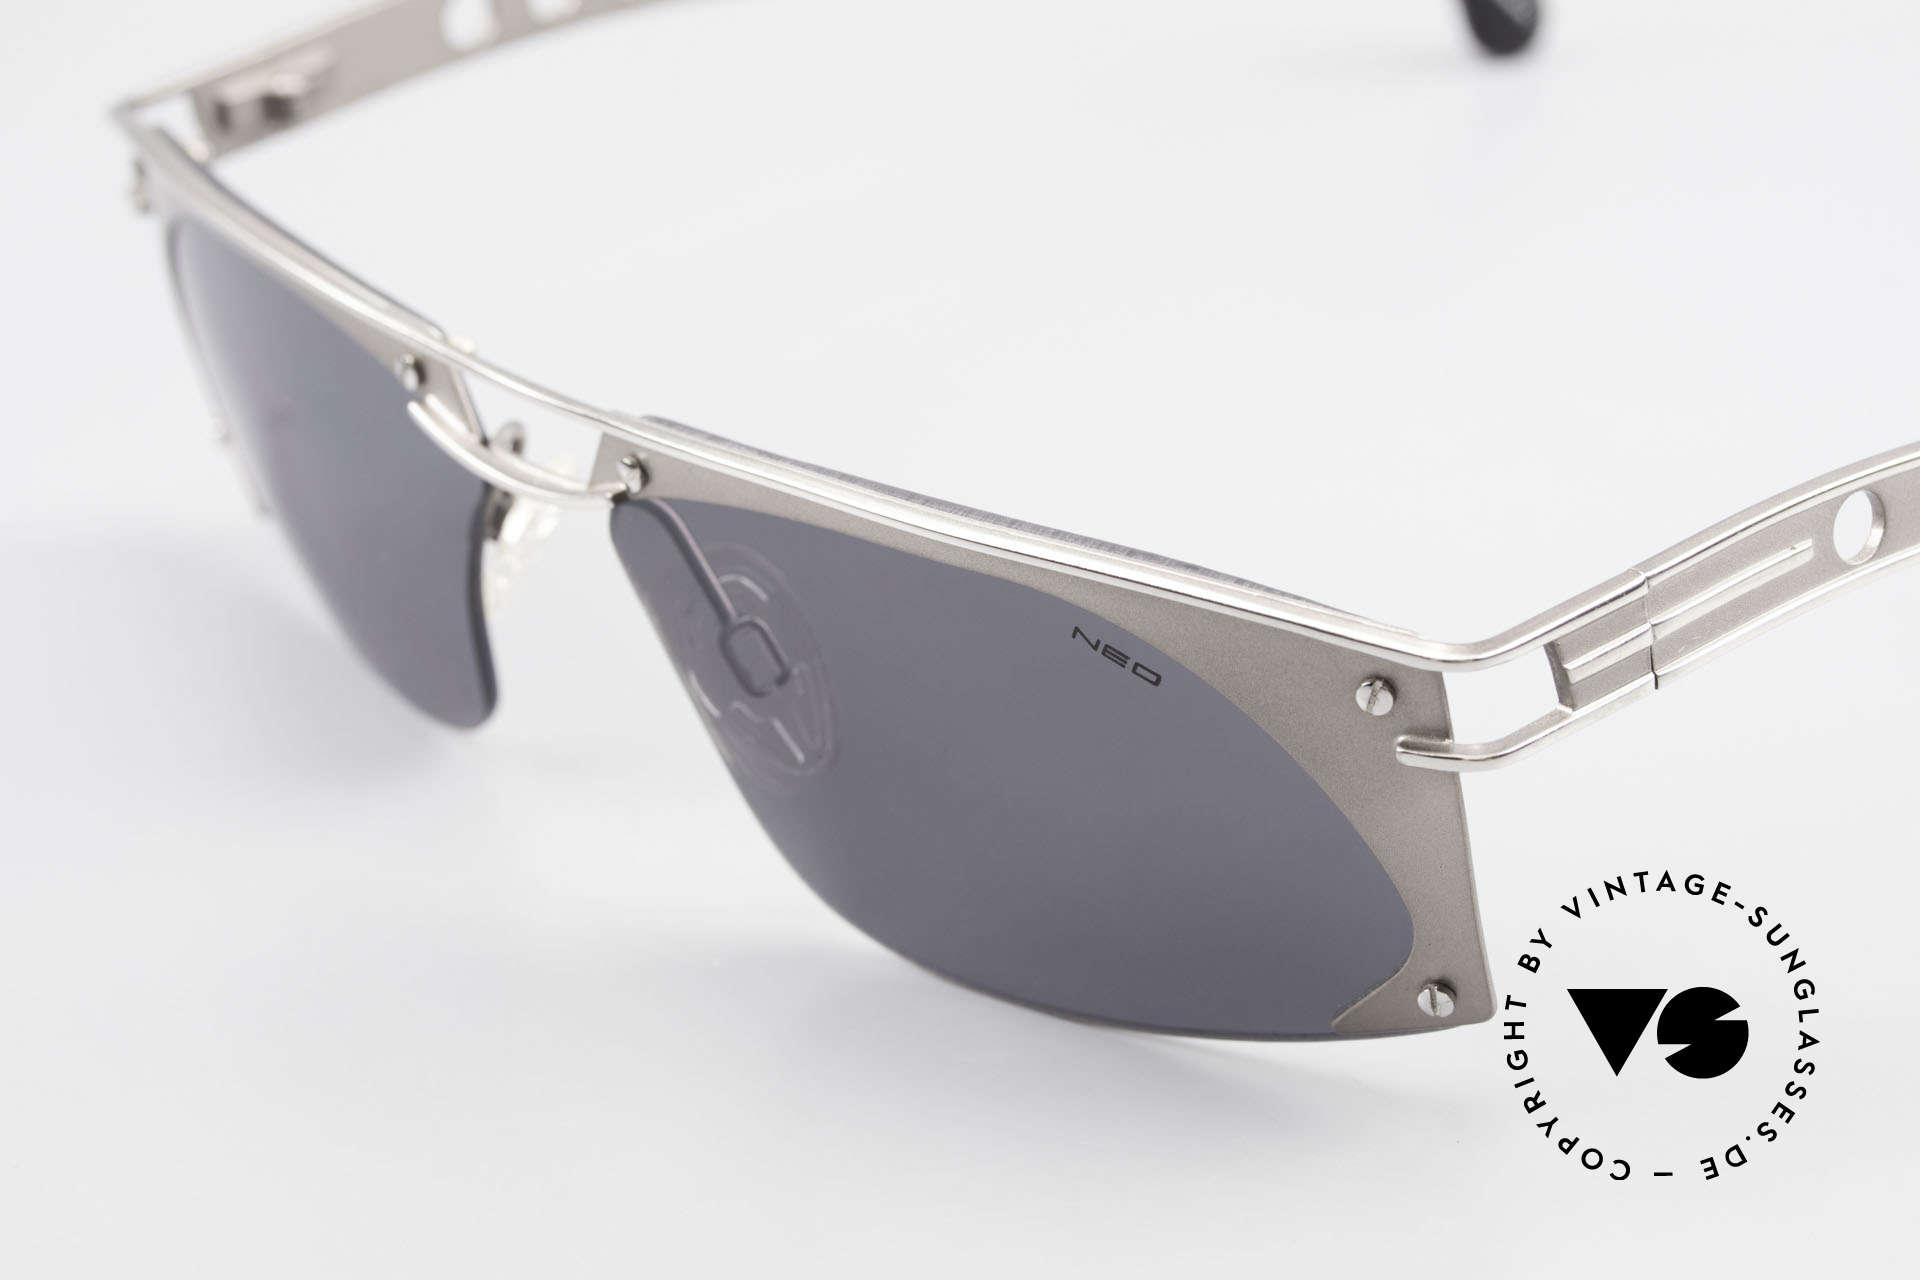 Neostyle Holiday 968 Steampunk Sonnenbrille 90er, ungetragen (wie all unsere Neostyle Sonnenbrillen), Passend für Herren